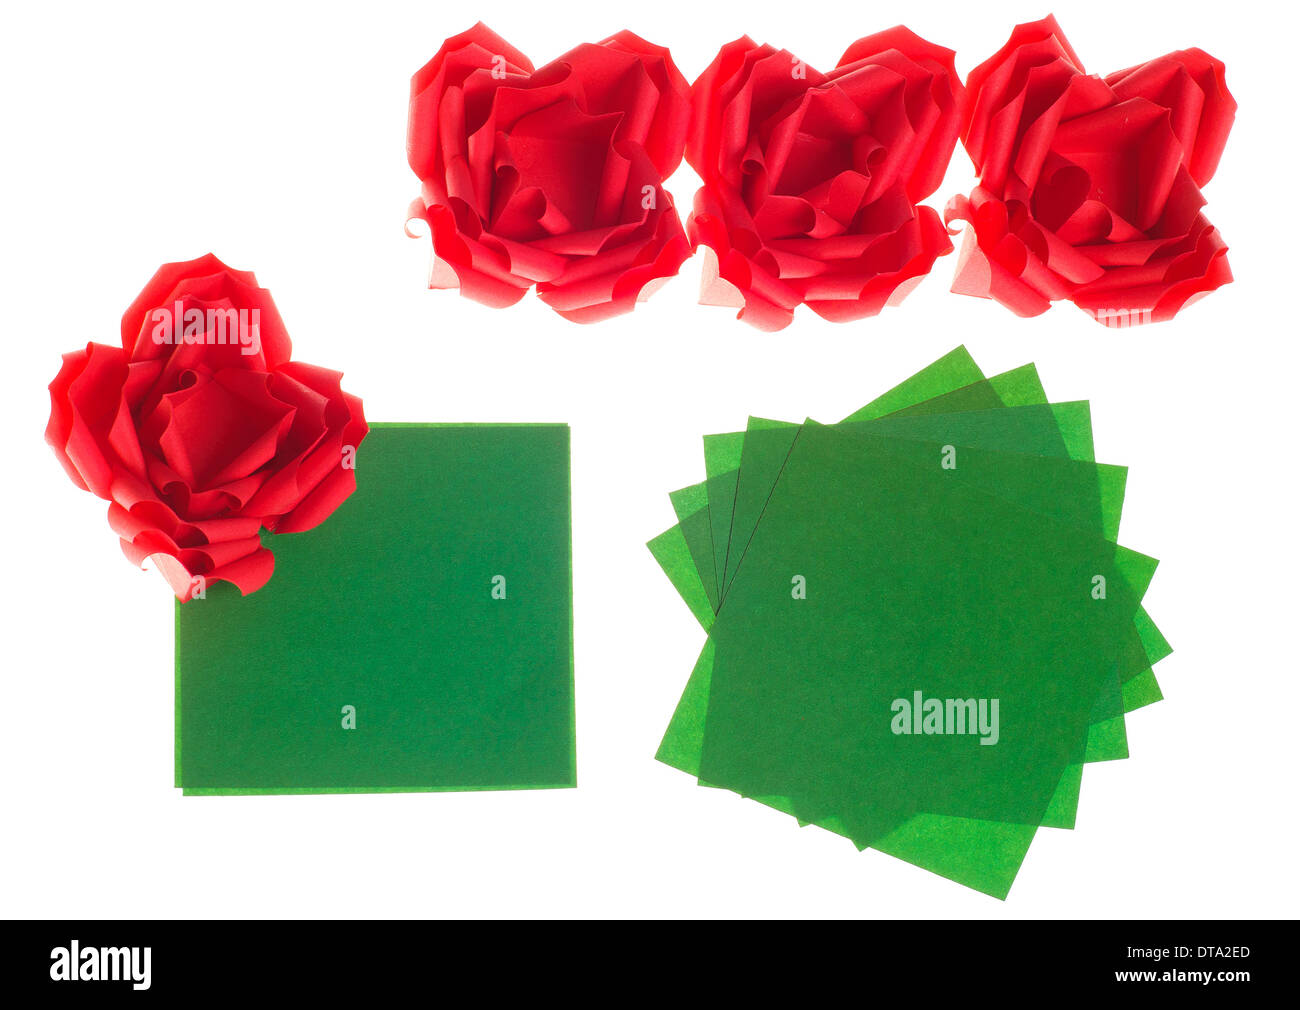 Paper flowers rose diy tutorial easy for children/origami flower ...   1010x1300